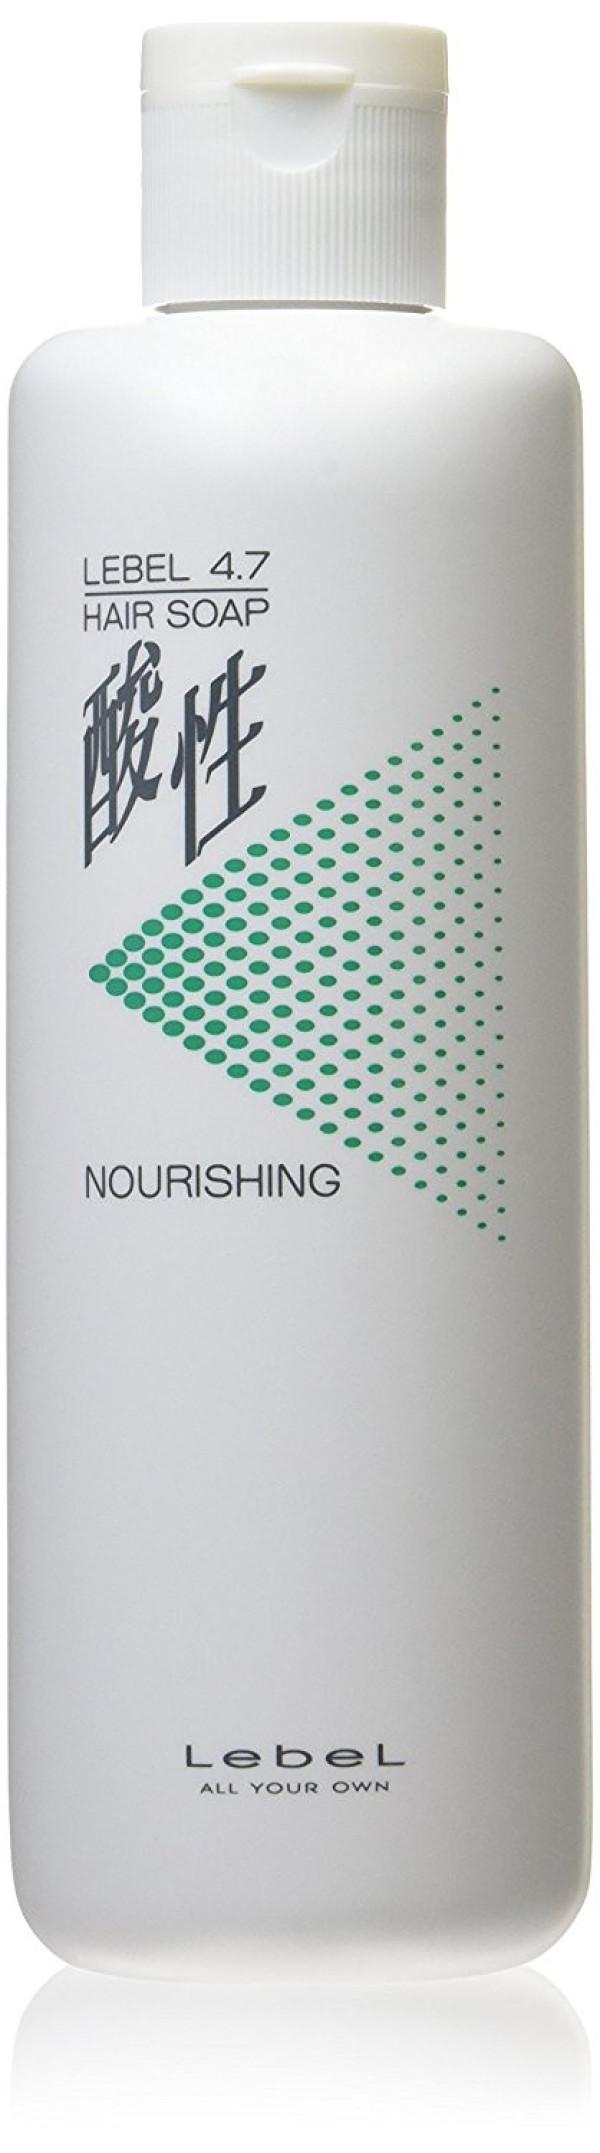 Увлажняющий шампунь Lebel 4.7 Acidic Hair Soap Nourishing для тонких и осветленных волос